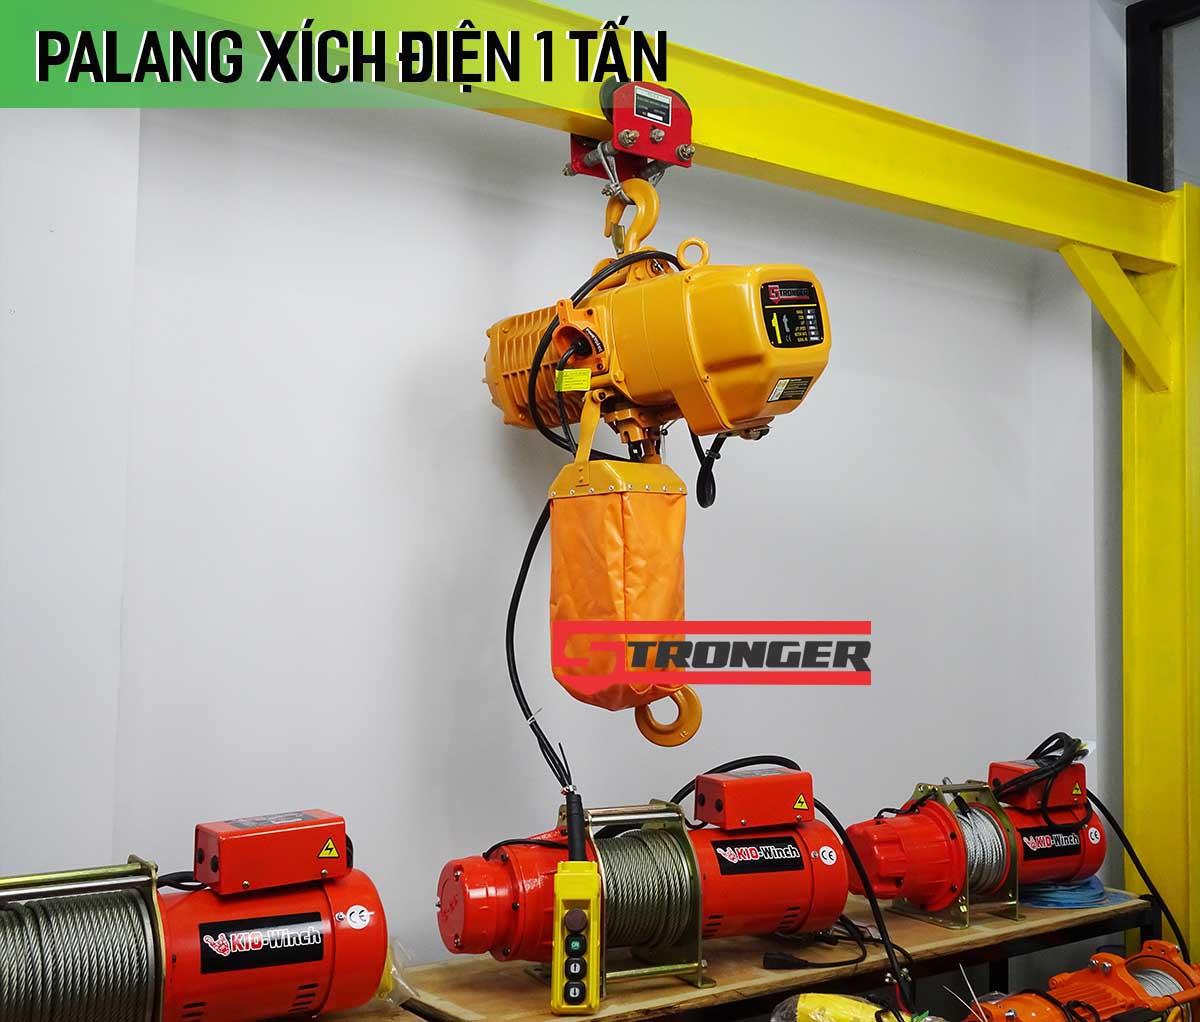 Palang xích điện 1 tấn  4 mét Stronger (cố định)